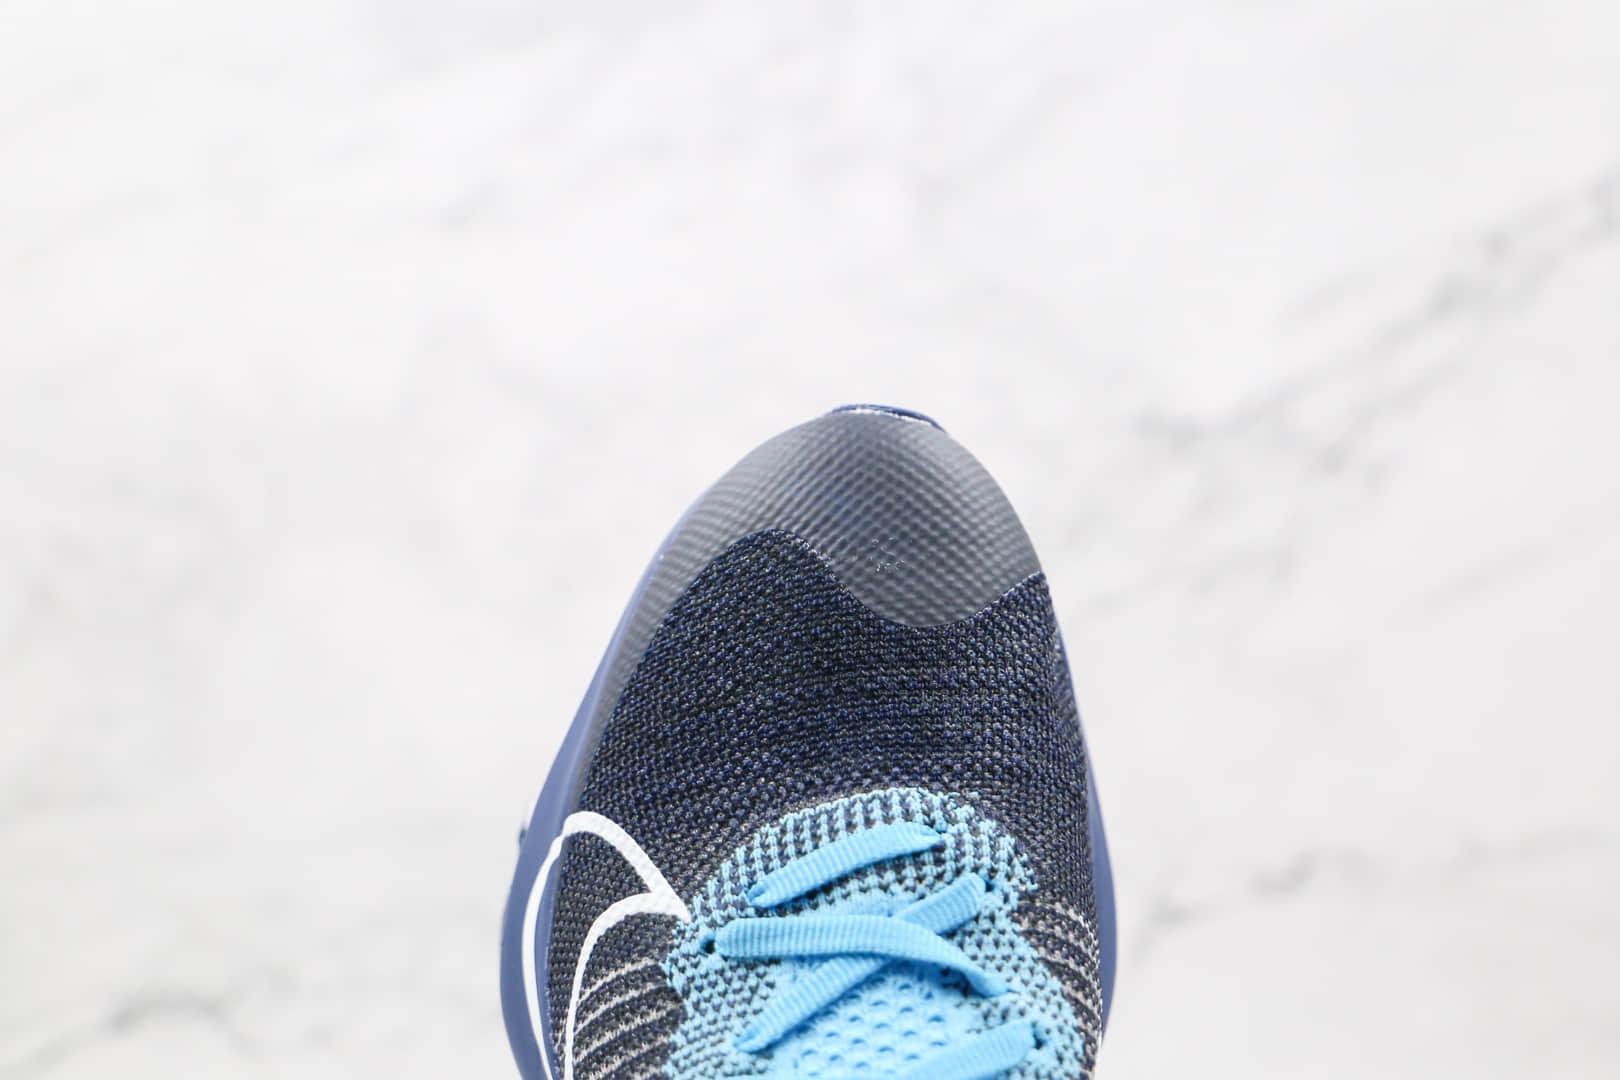 耐克Nike Air Zoom Alphafly NEXT%纯原版本马拉松深蓝色气垫慢跑鞋原鞋开模一比一打造 货号:CI9923-400